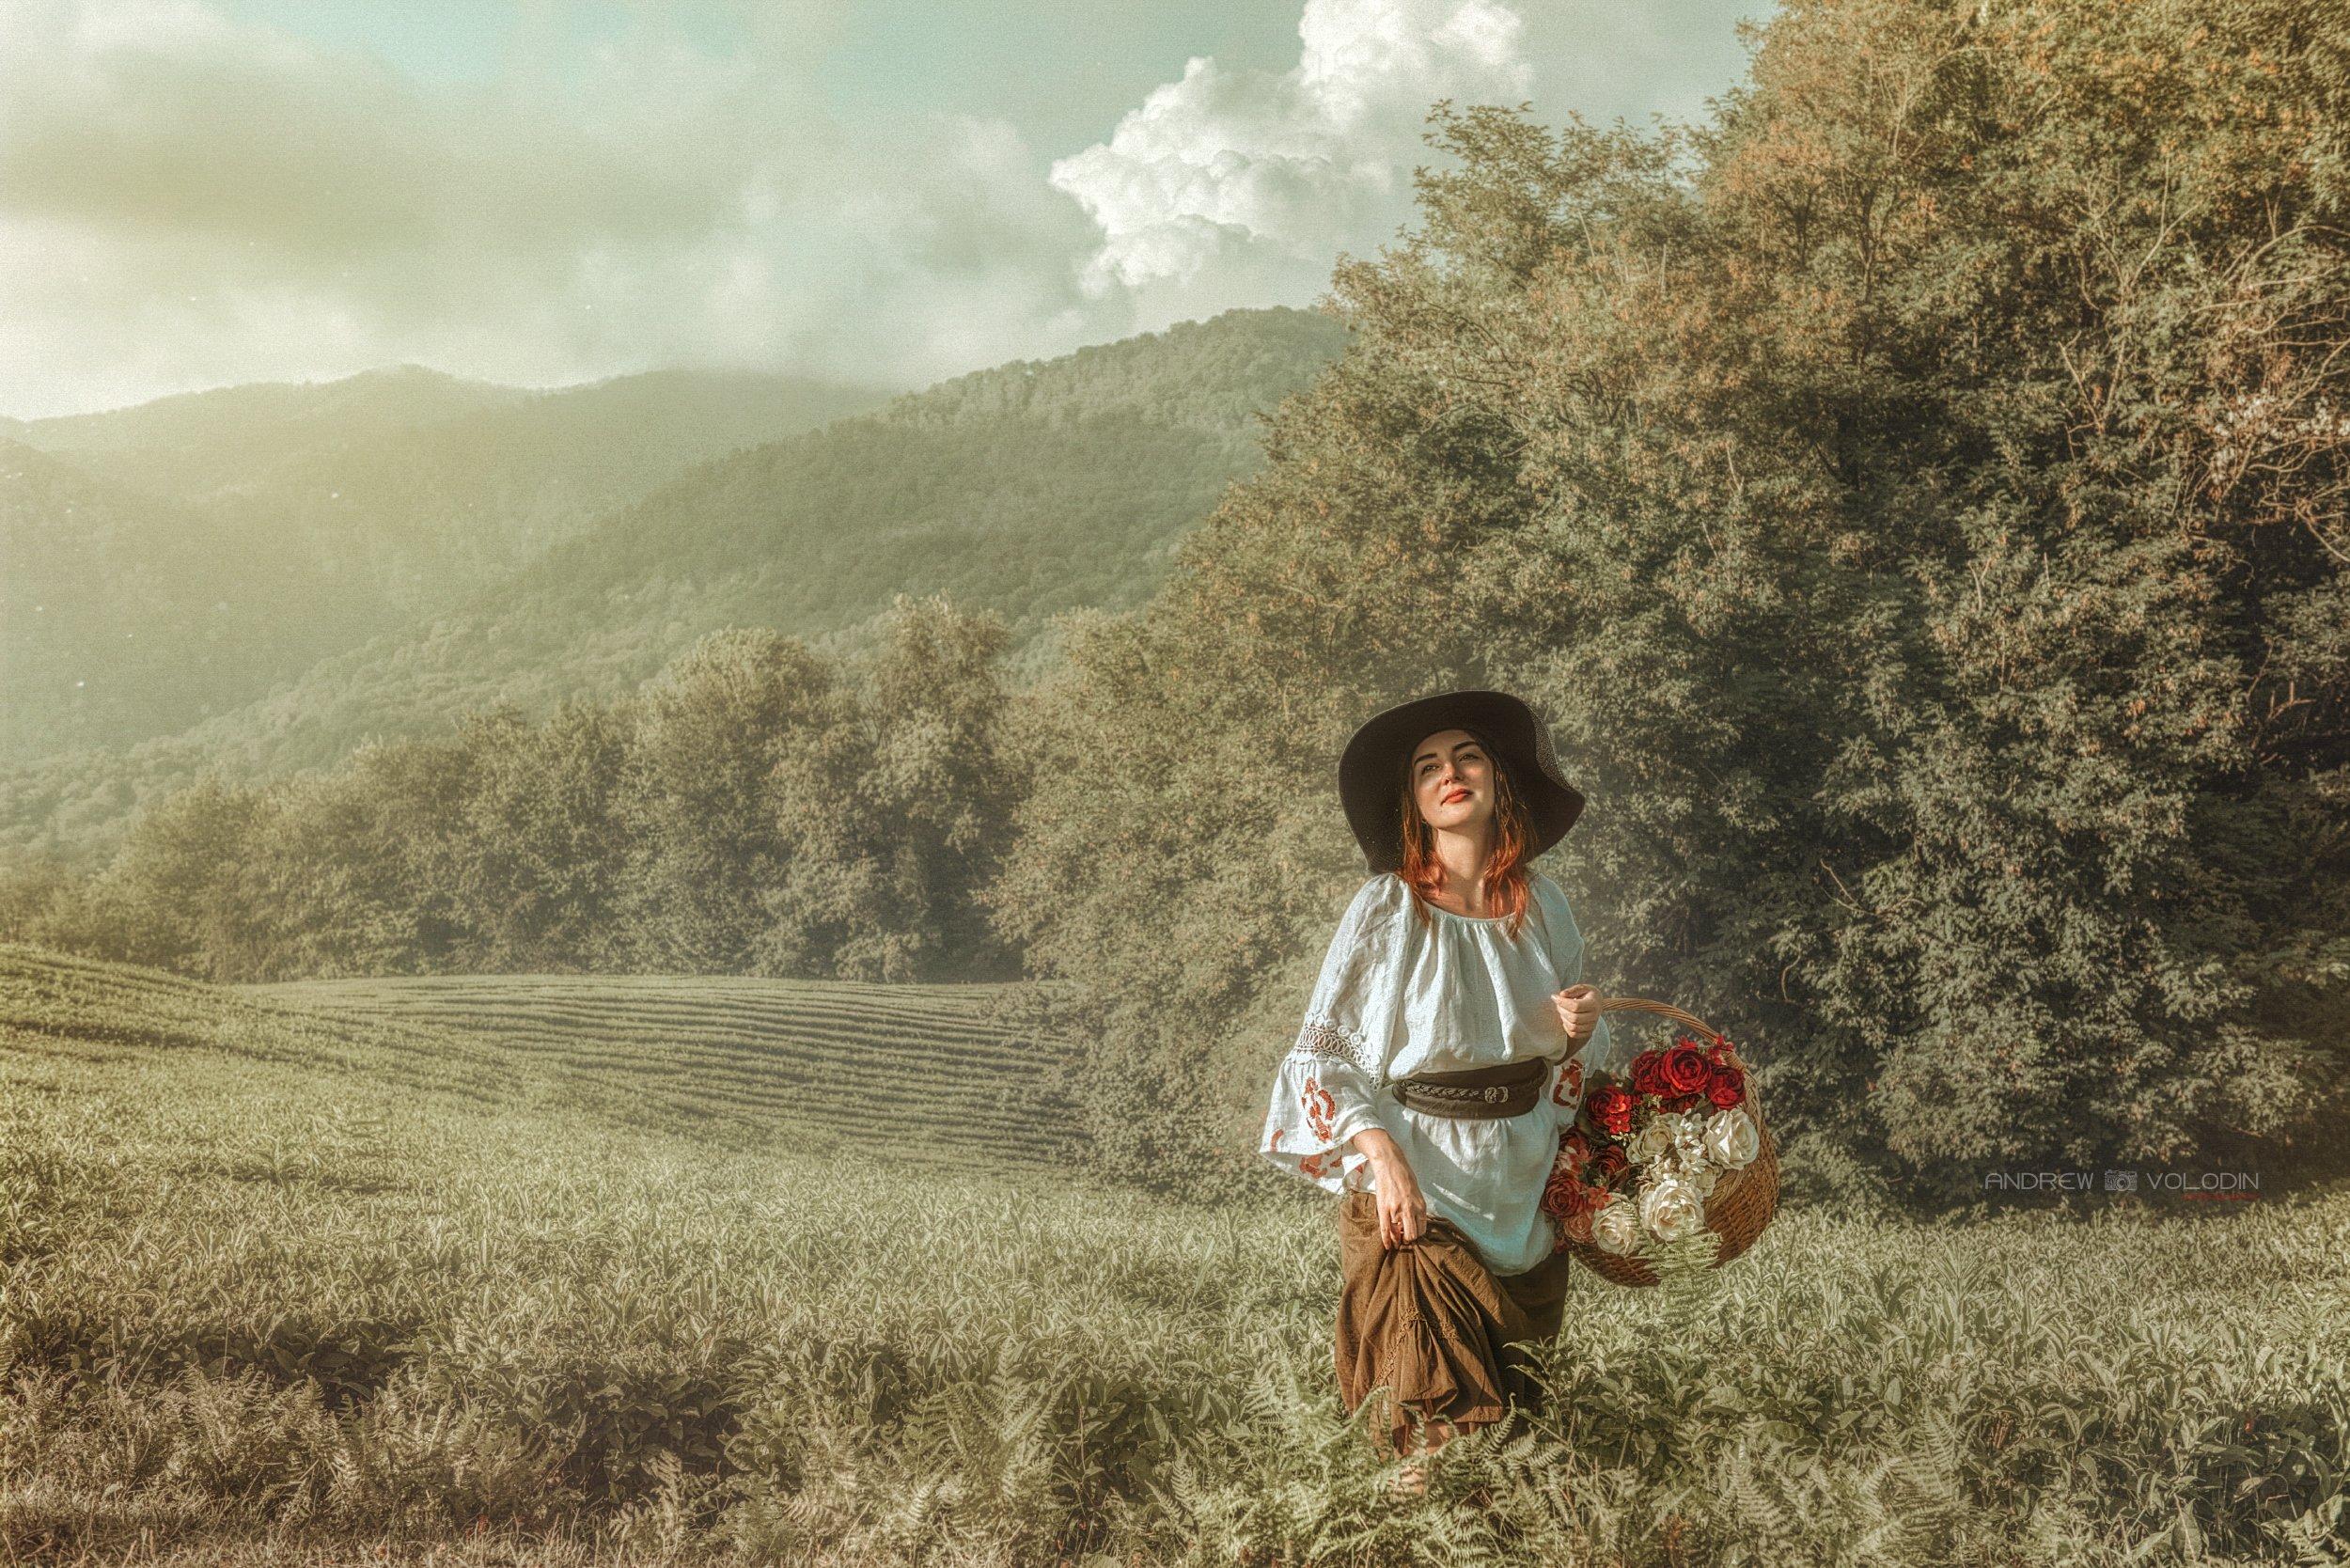 девушка поле чайные плантации платье цветы корзина природа русь, Андрей Володин